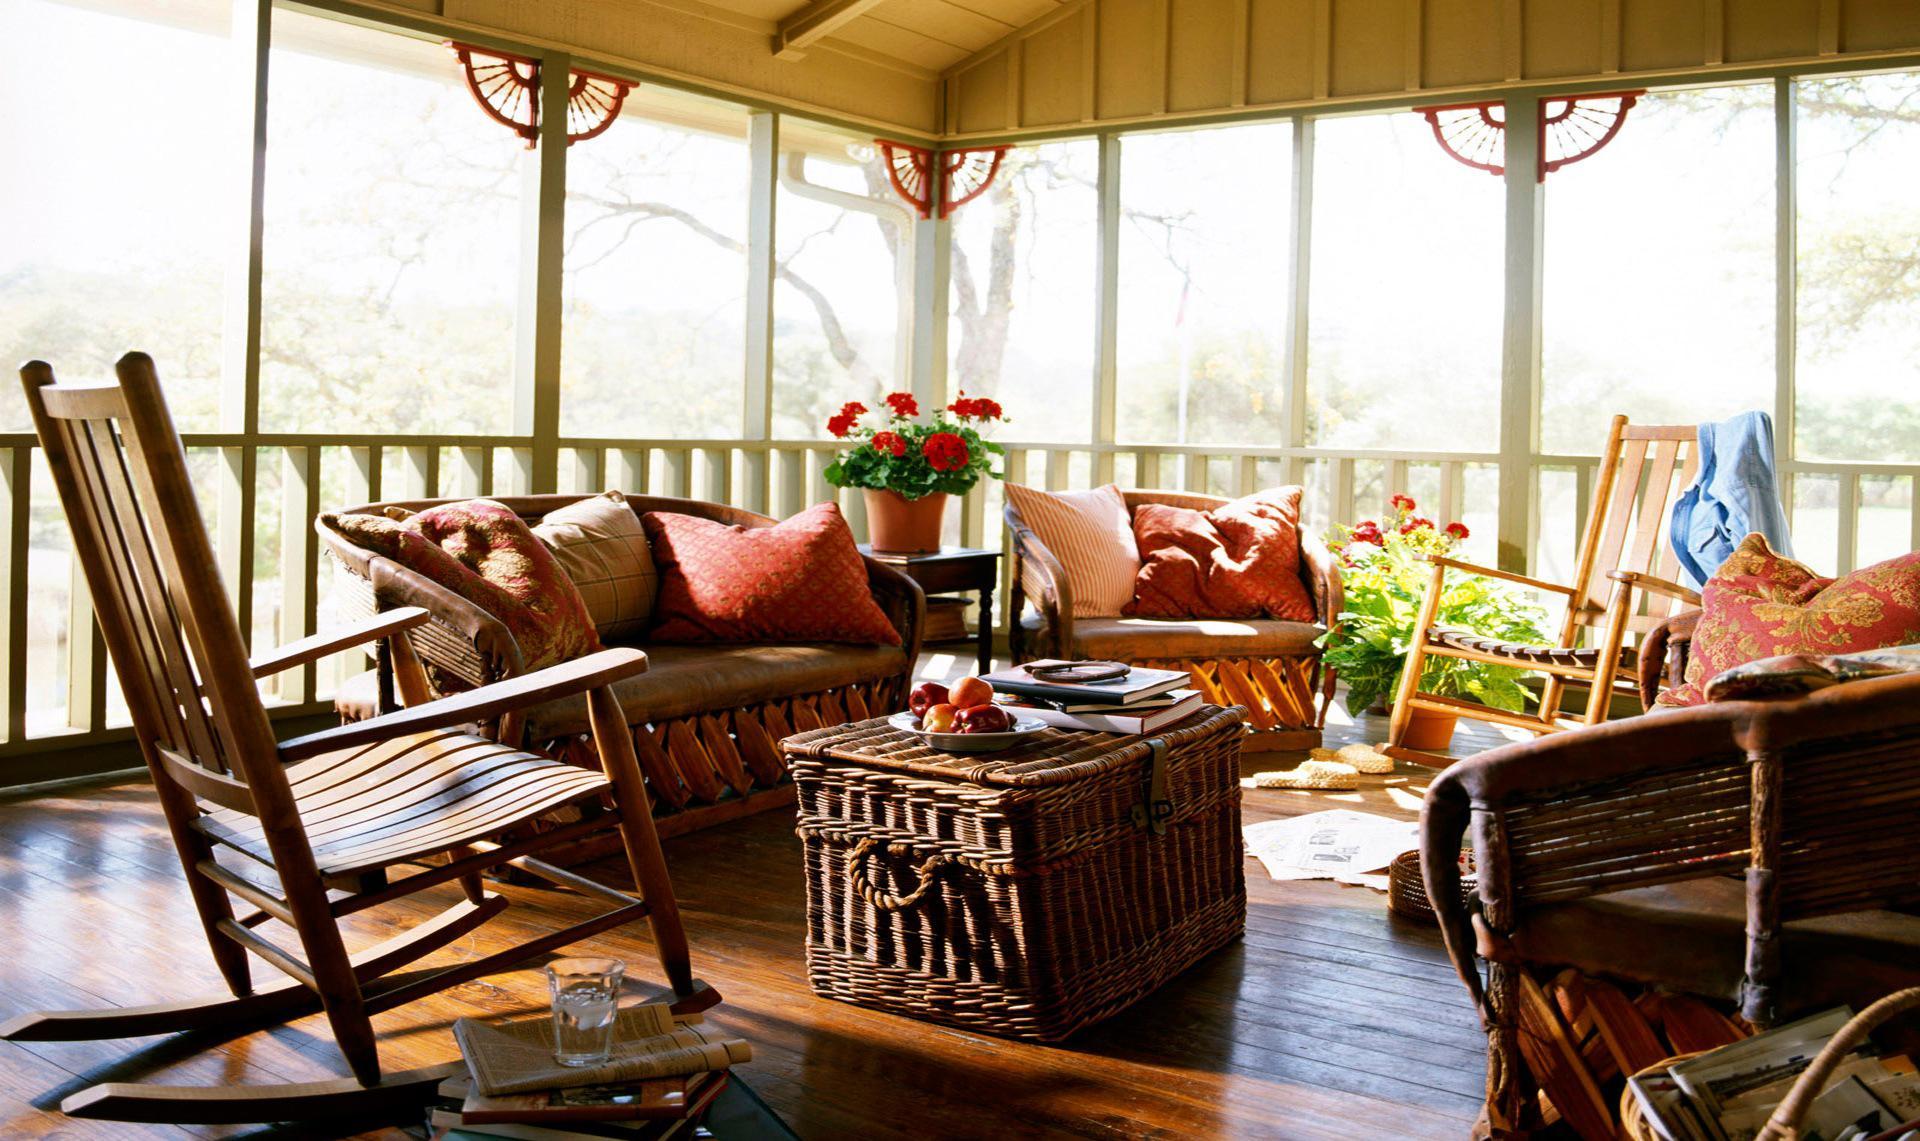 Декор веранды натуральной мебелью и цветами